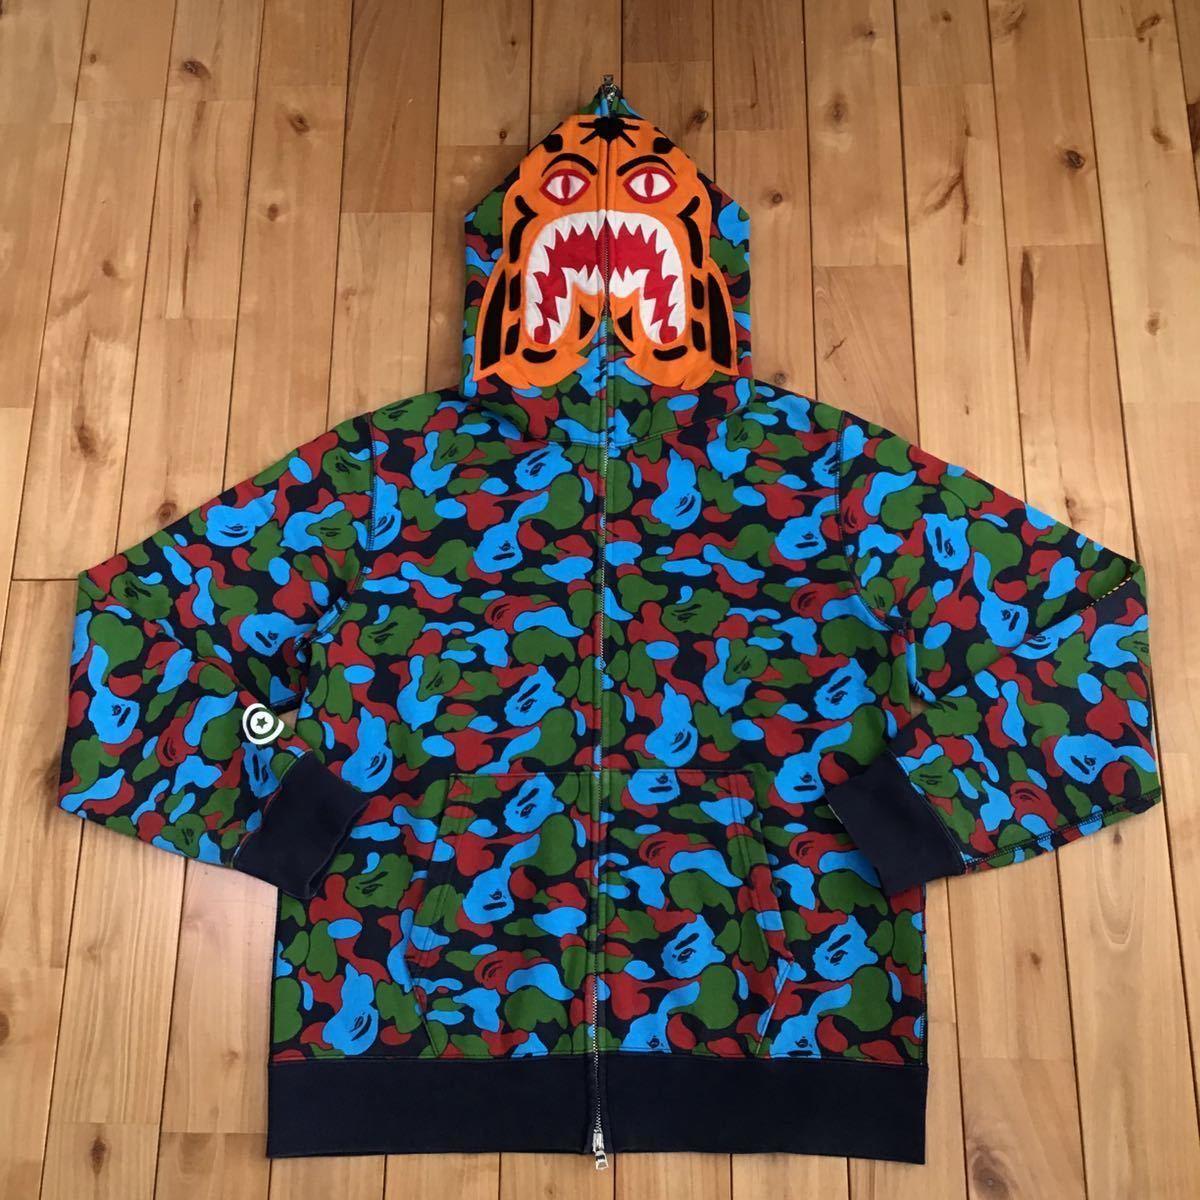 ★シンガポール限定★ Singapore city camo タイガー パーカー Lサイズ a bathing ape bape tiger full zip hoodie エイプ ベイプ 迷彩